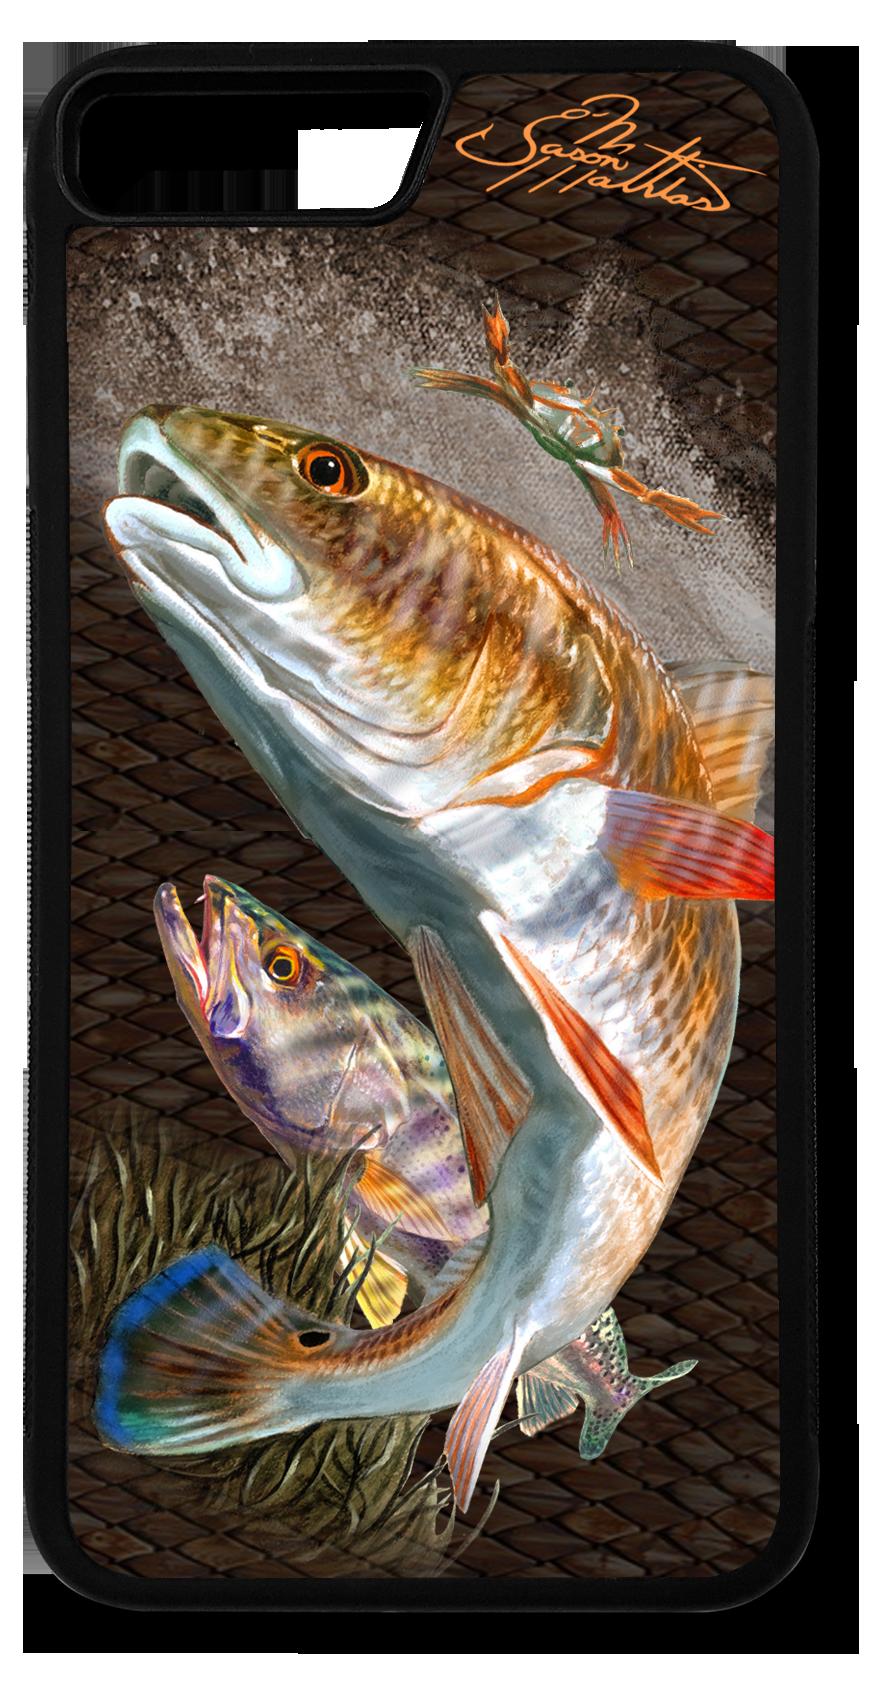 iphone-8-plus-case-redfish-trout-jason-mathias-art.png